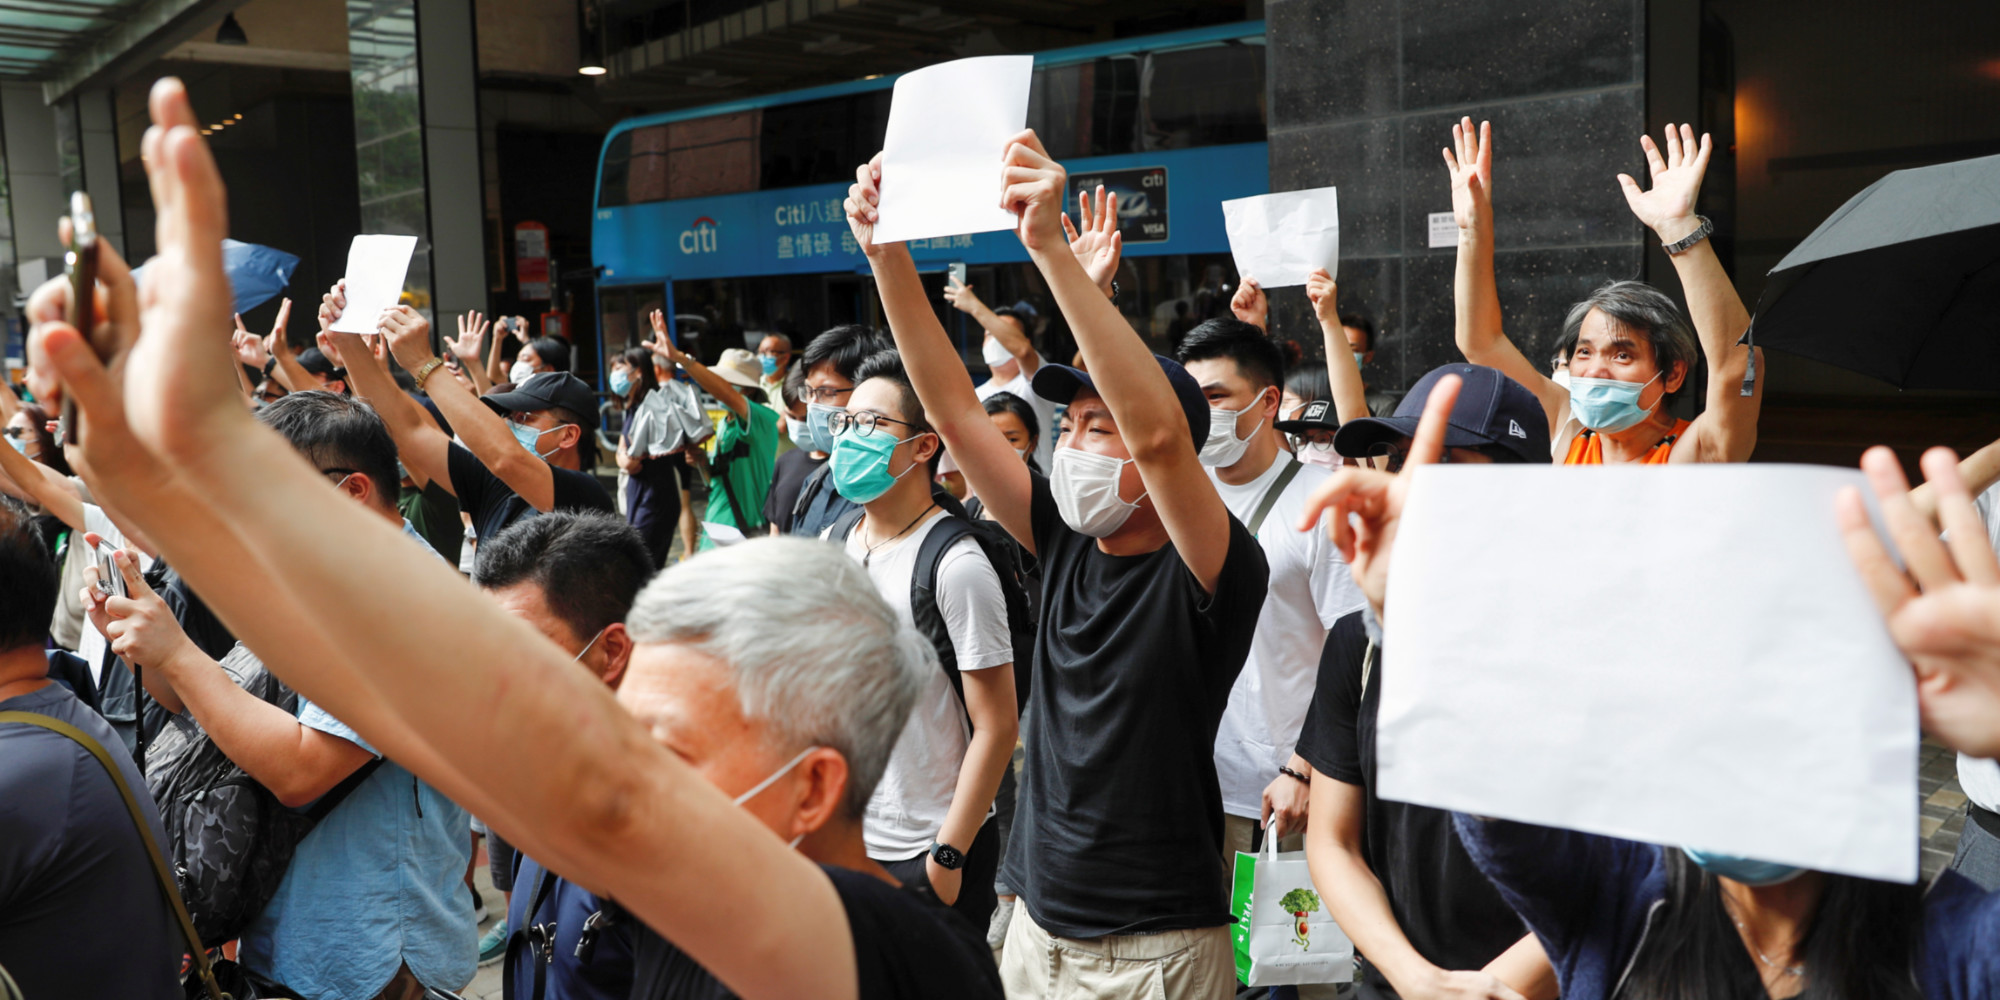 Le Royaume-Uni pourra-t-il accueillir tous les candidats à l'exil de Hongkong ?